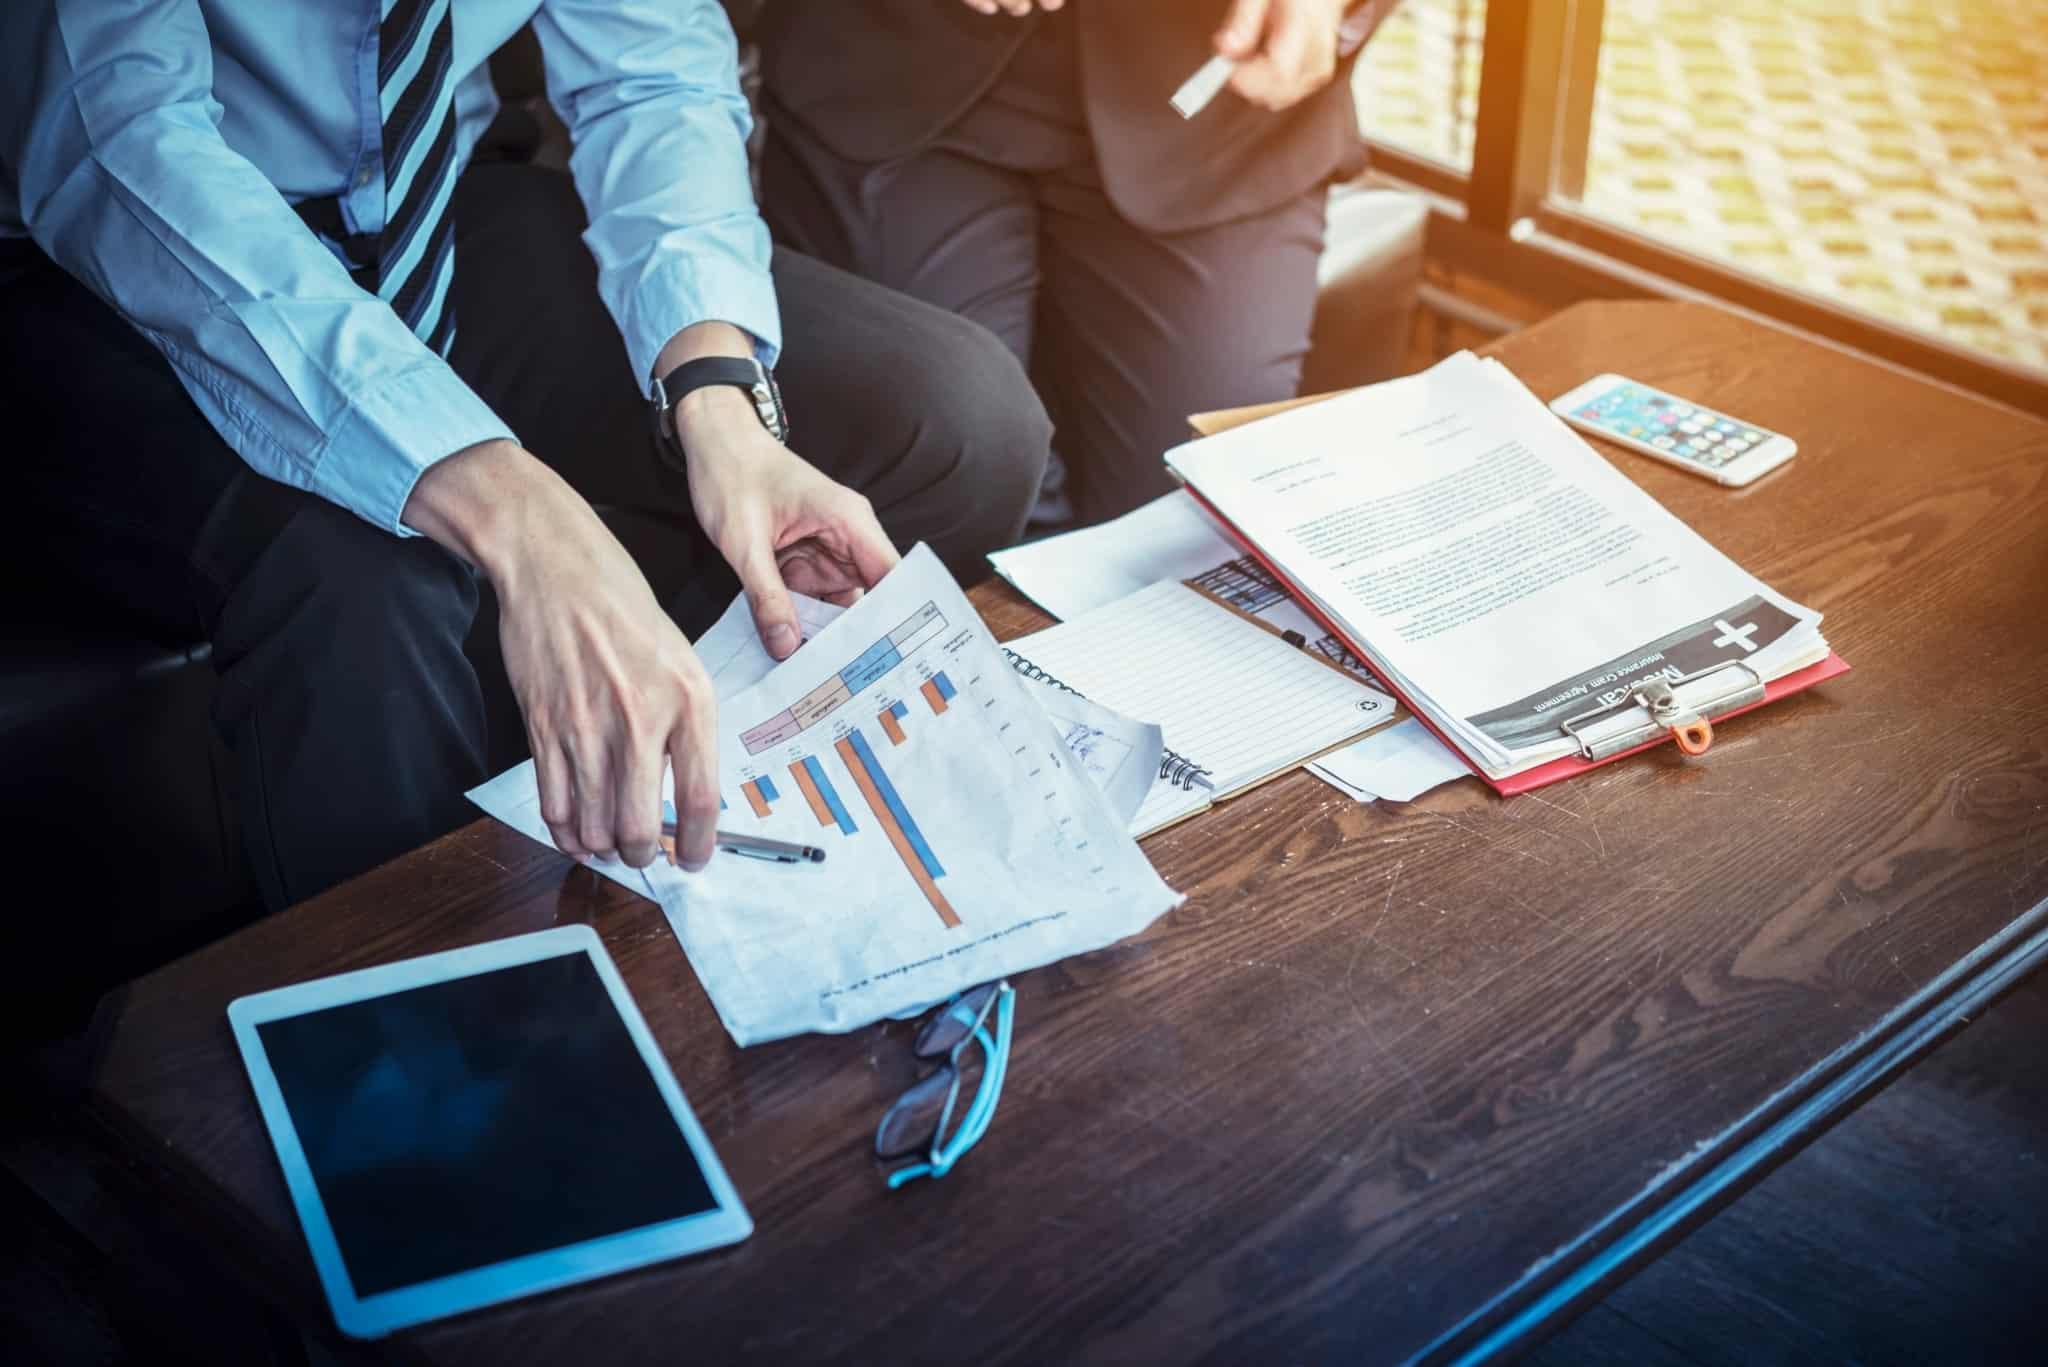 dois profissionais analisam folhas com gráficos com um tablet em cima de uma mesa